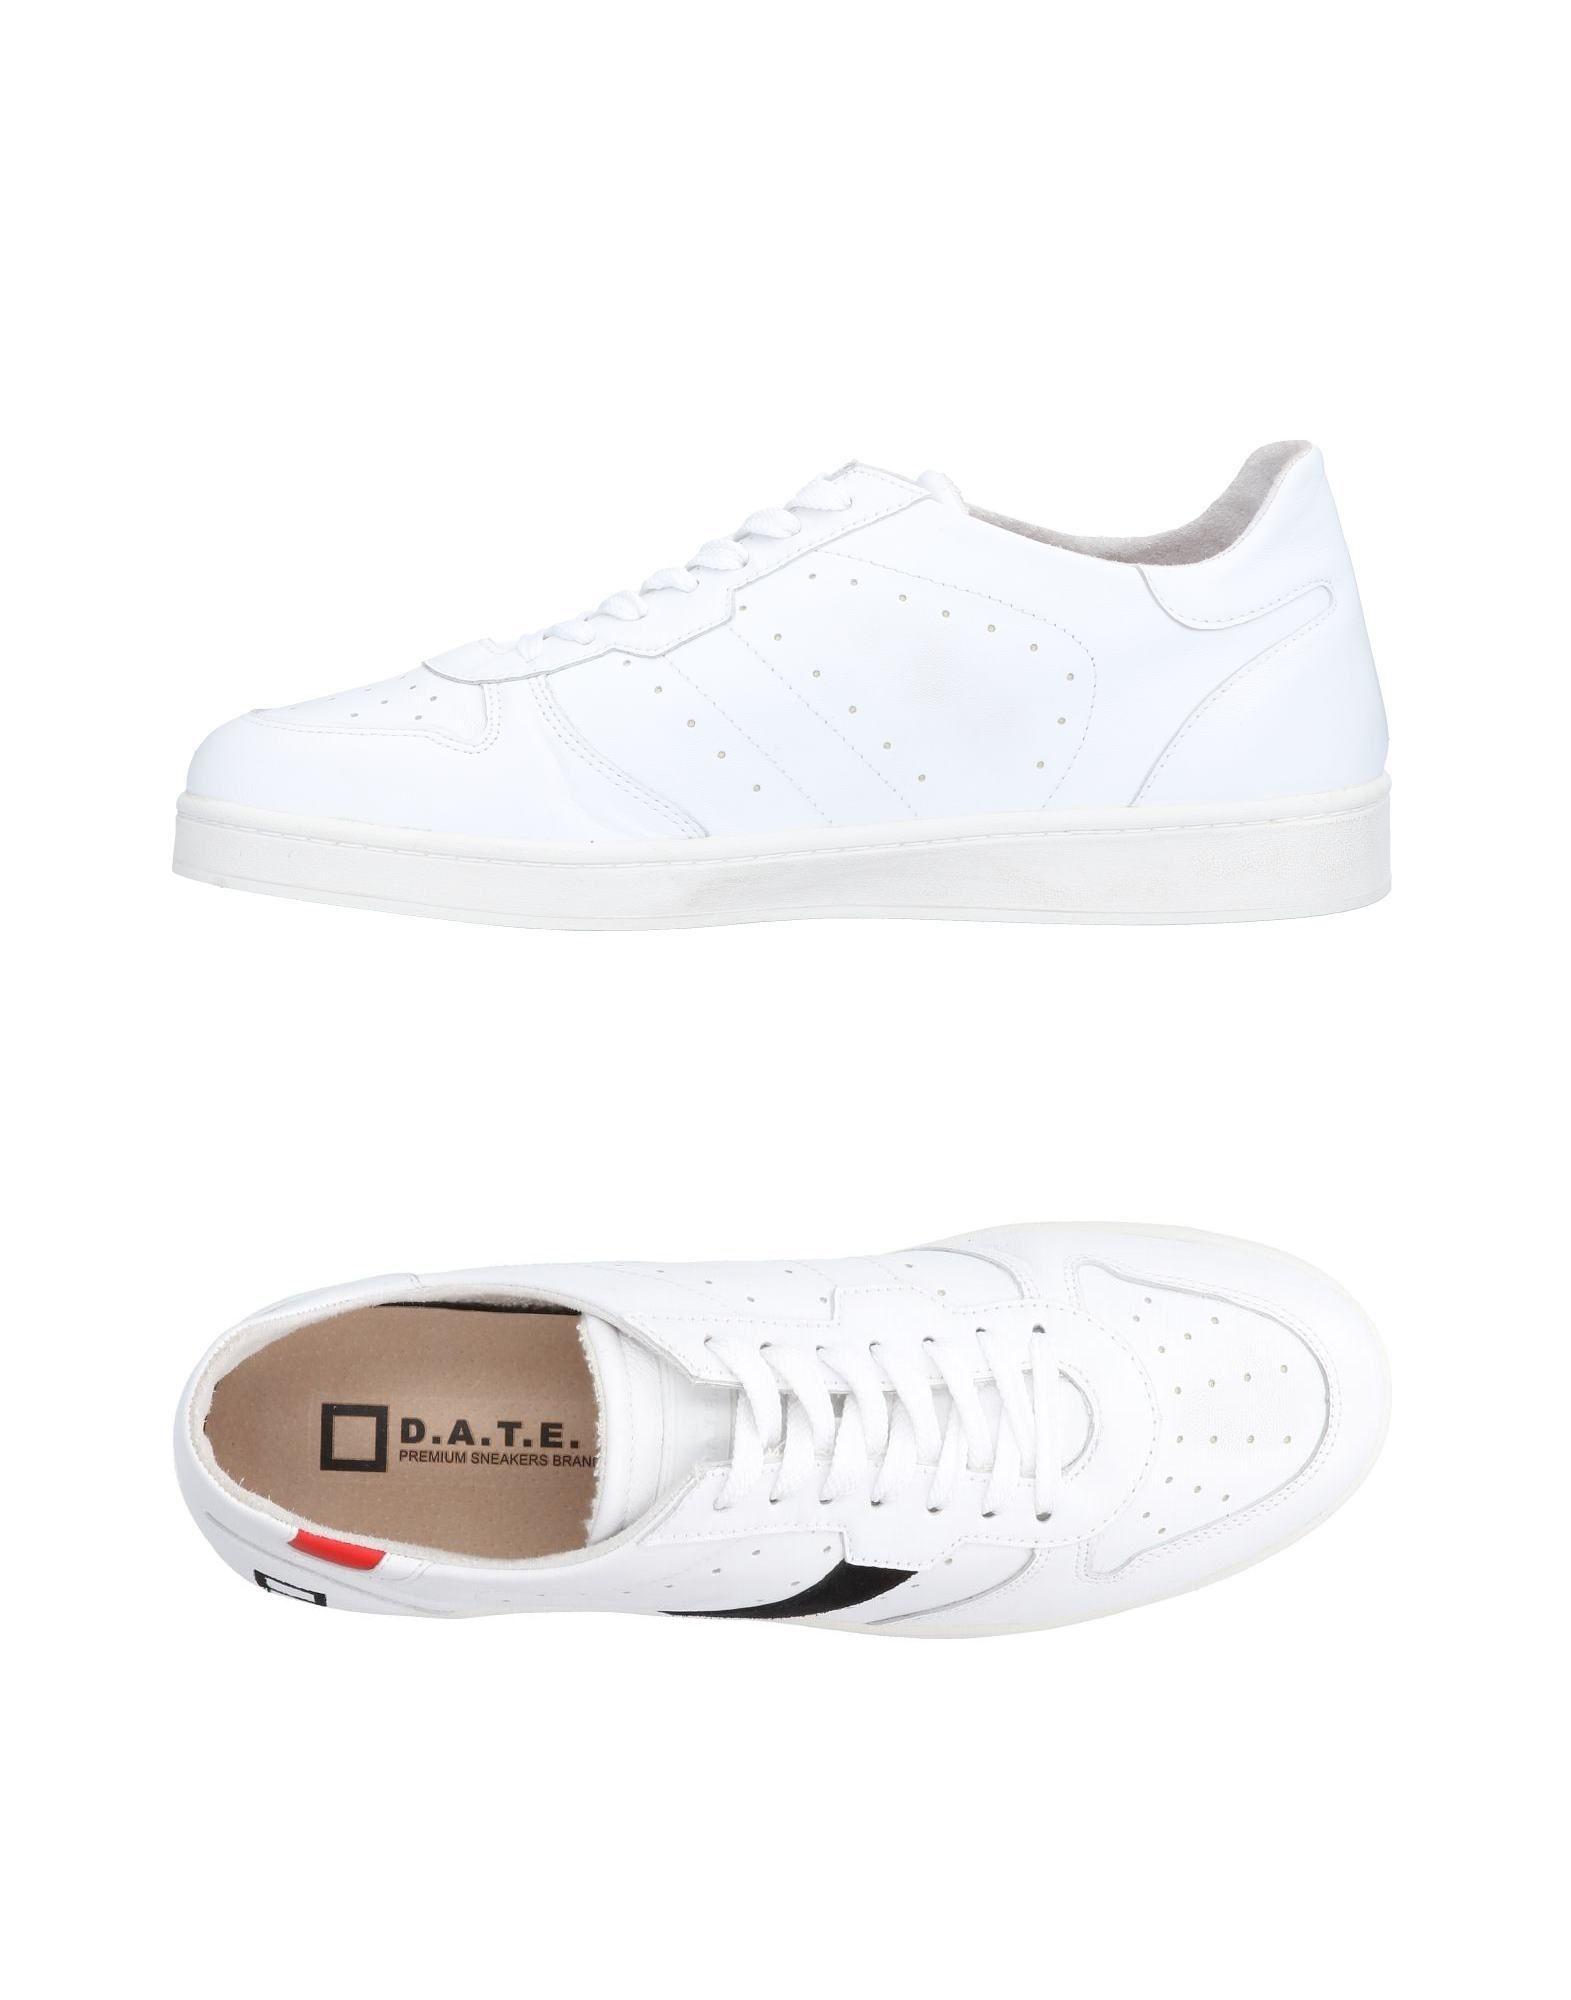 Moda Sneakers D.A.T.E. Uomo - 11483884LX